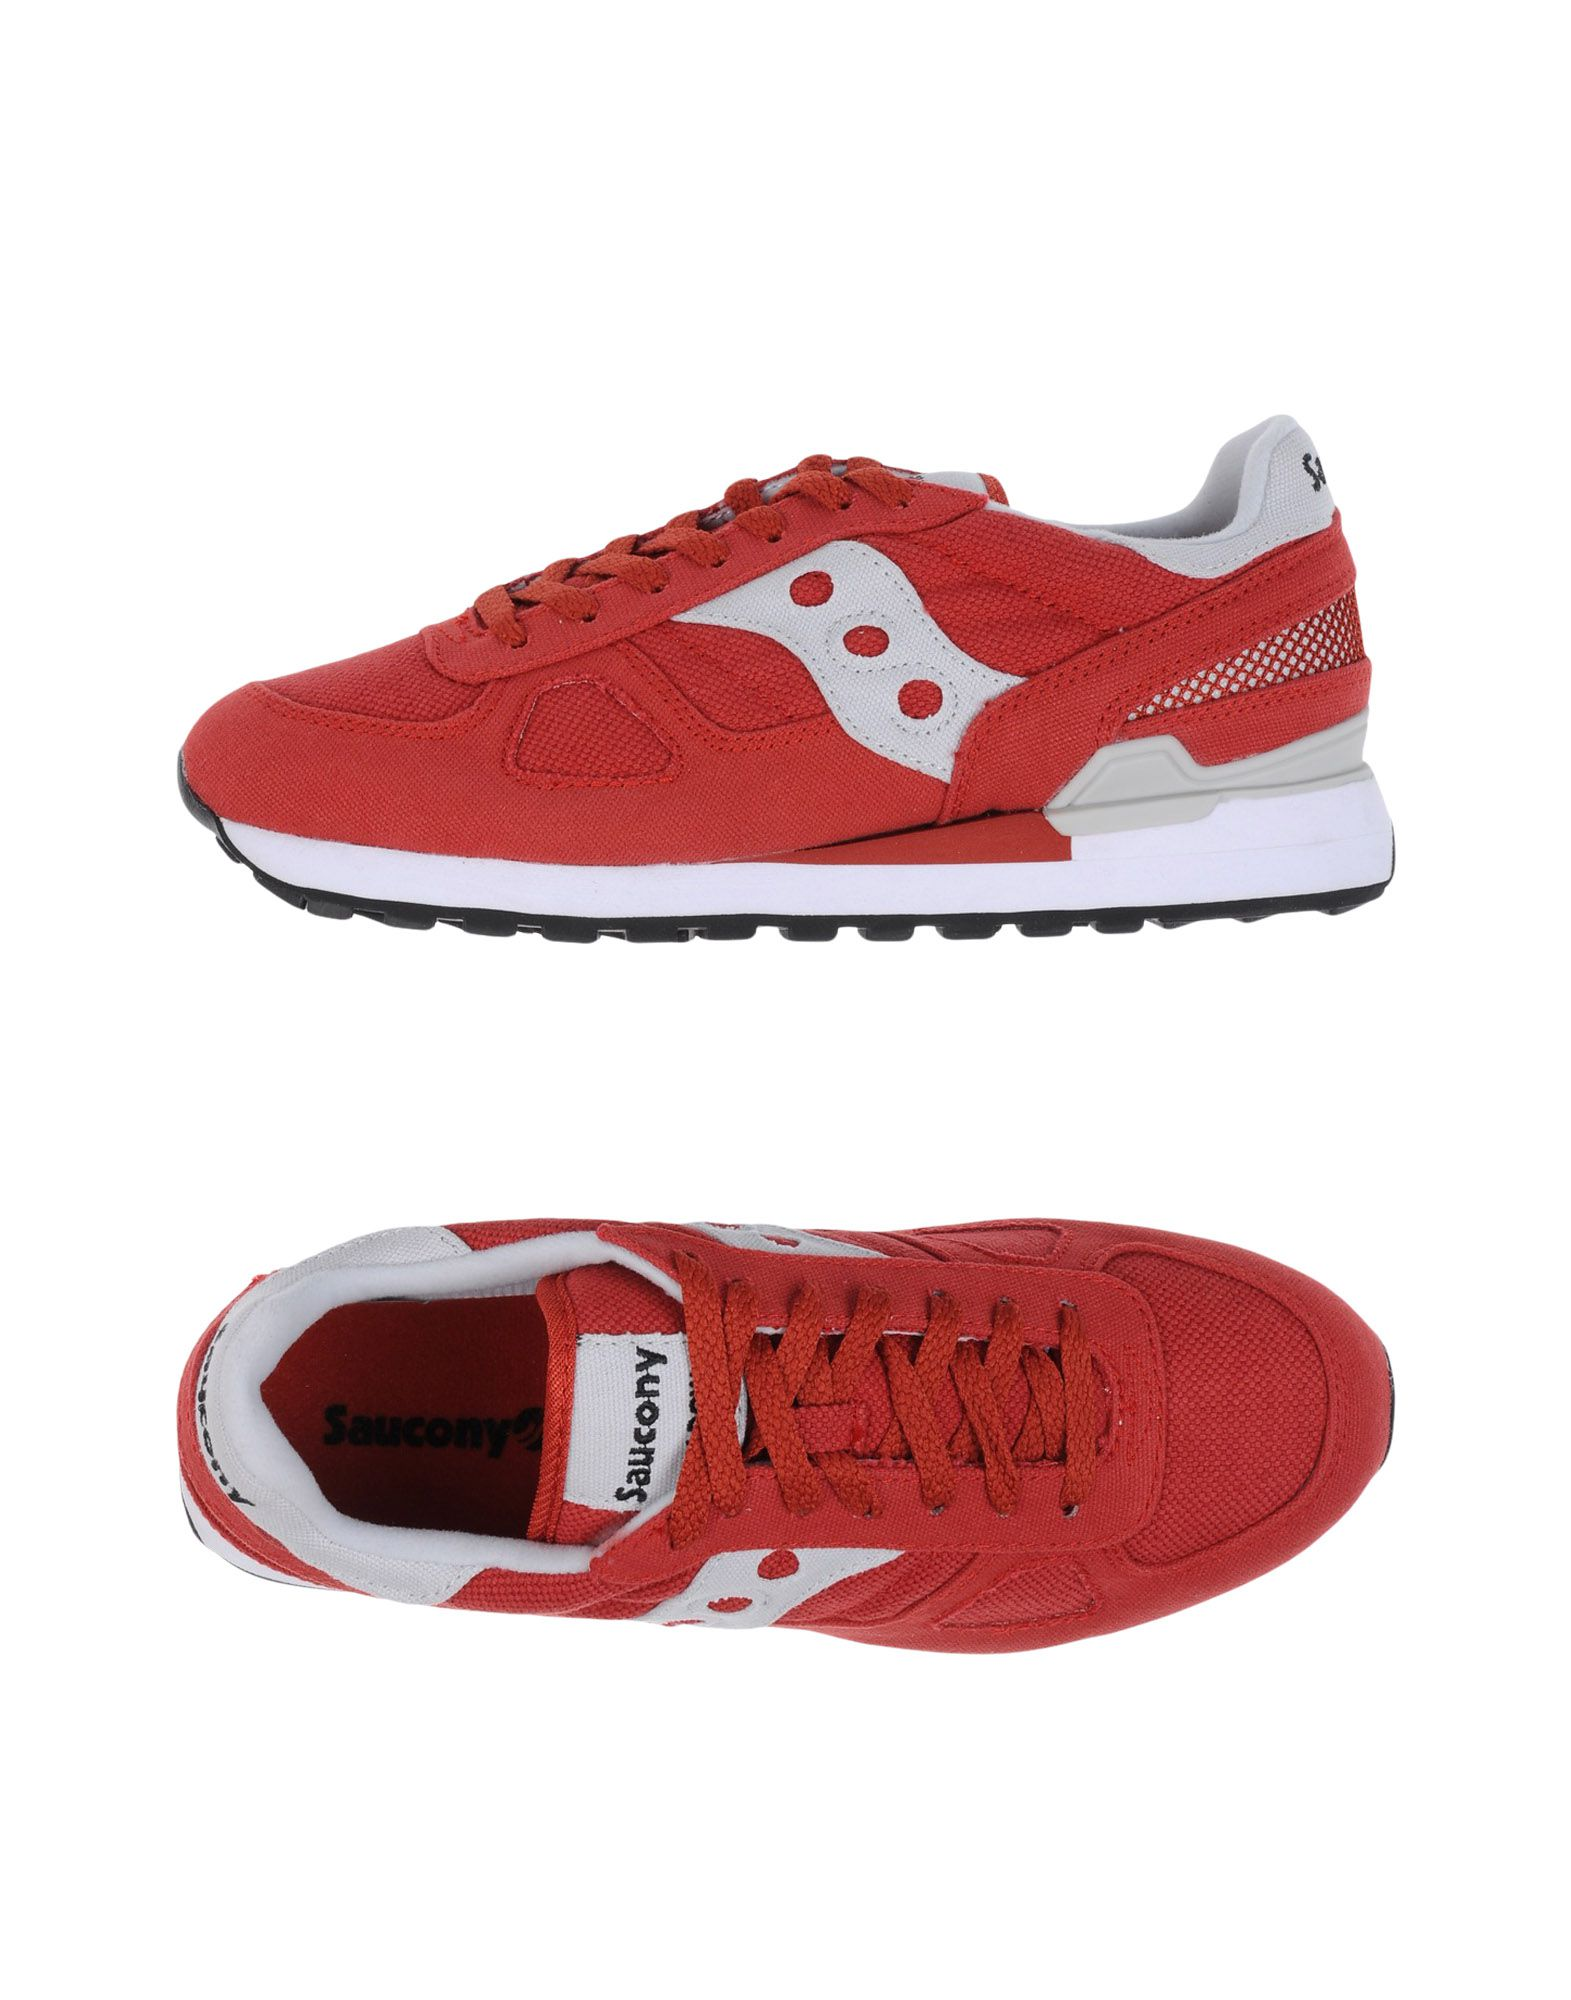 Saucony Sneakers Gute Herren  11246040WT Gute Sneakers Qualität beliebte Schuhe 1dadab